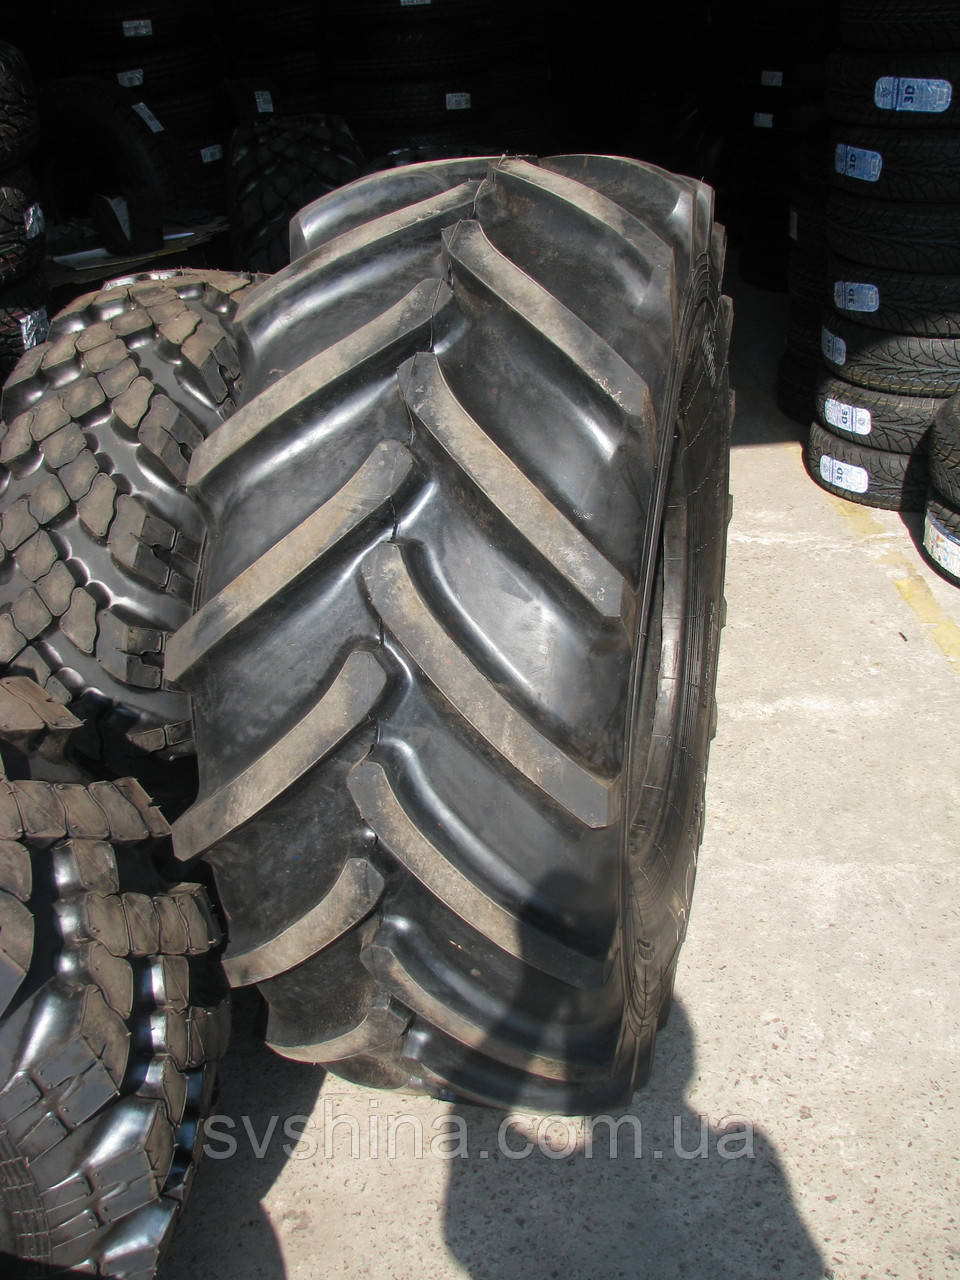 Сільгосп шини 21.3 R24 (530R610) Росава UTP-14, 12 нс.